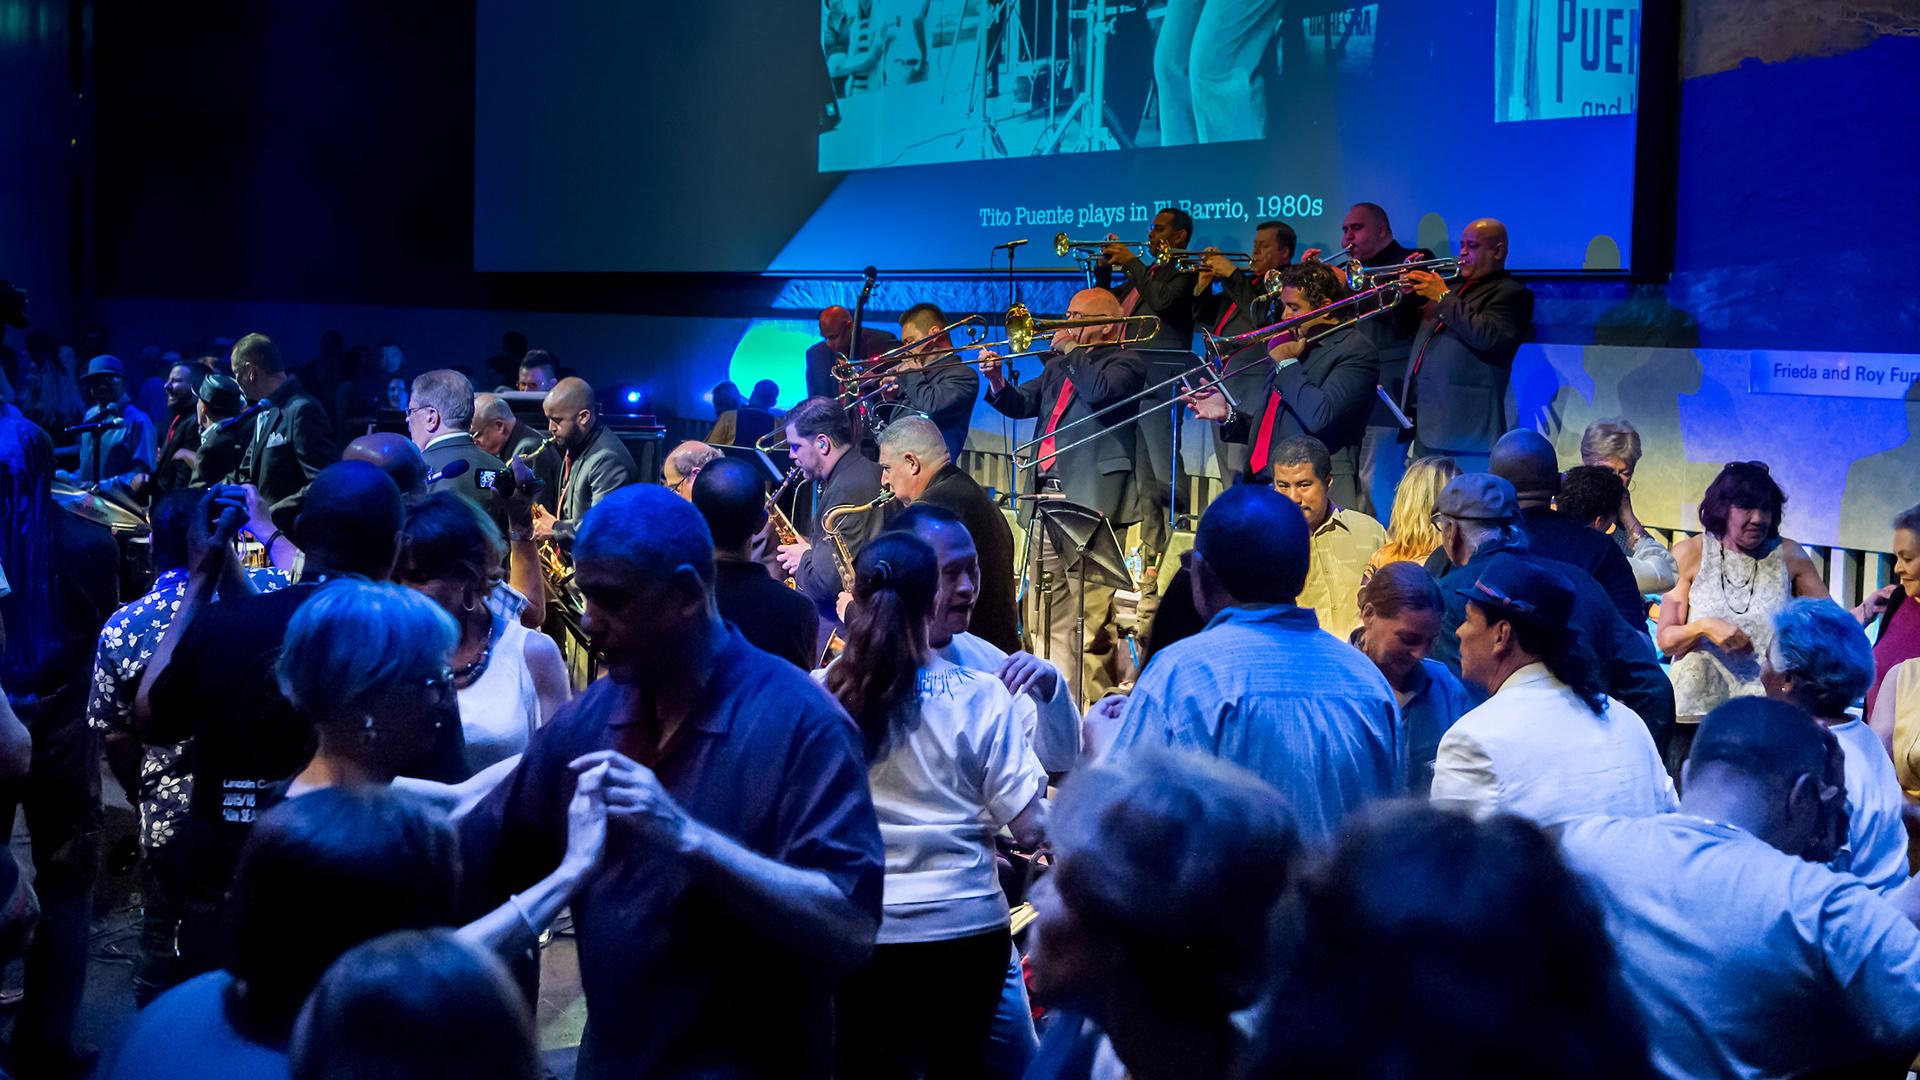 ¡VAYA! 63: Celebrating the Latin Community